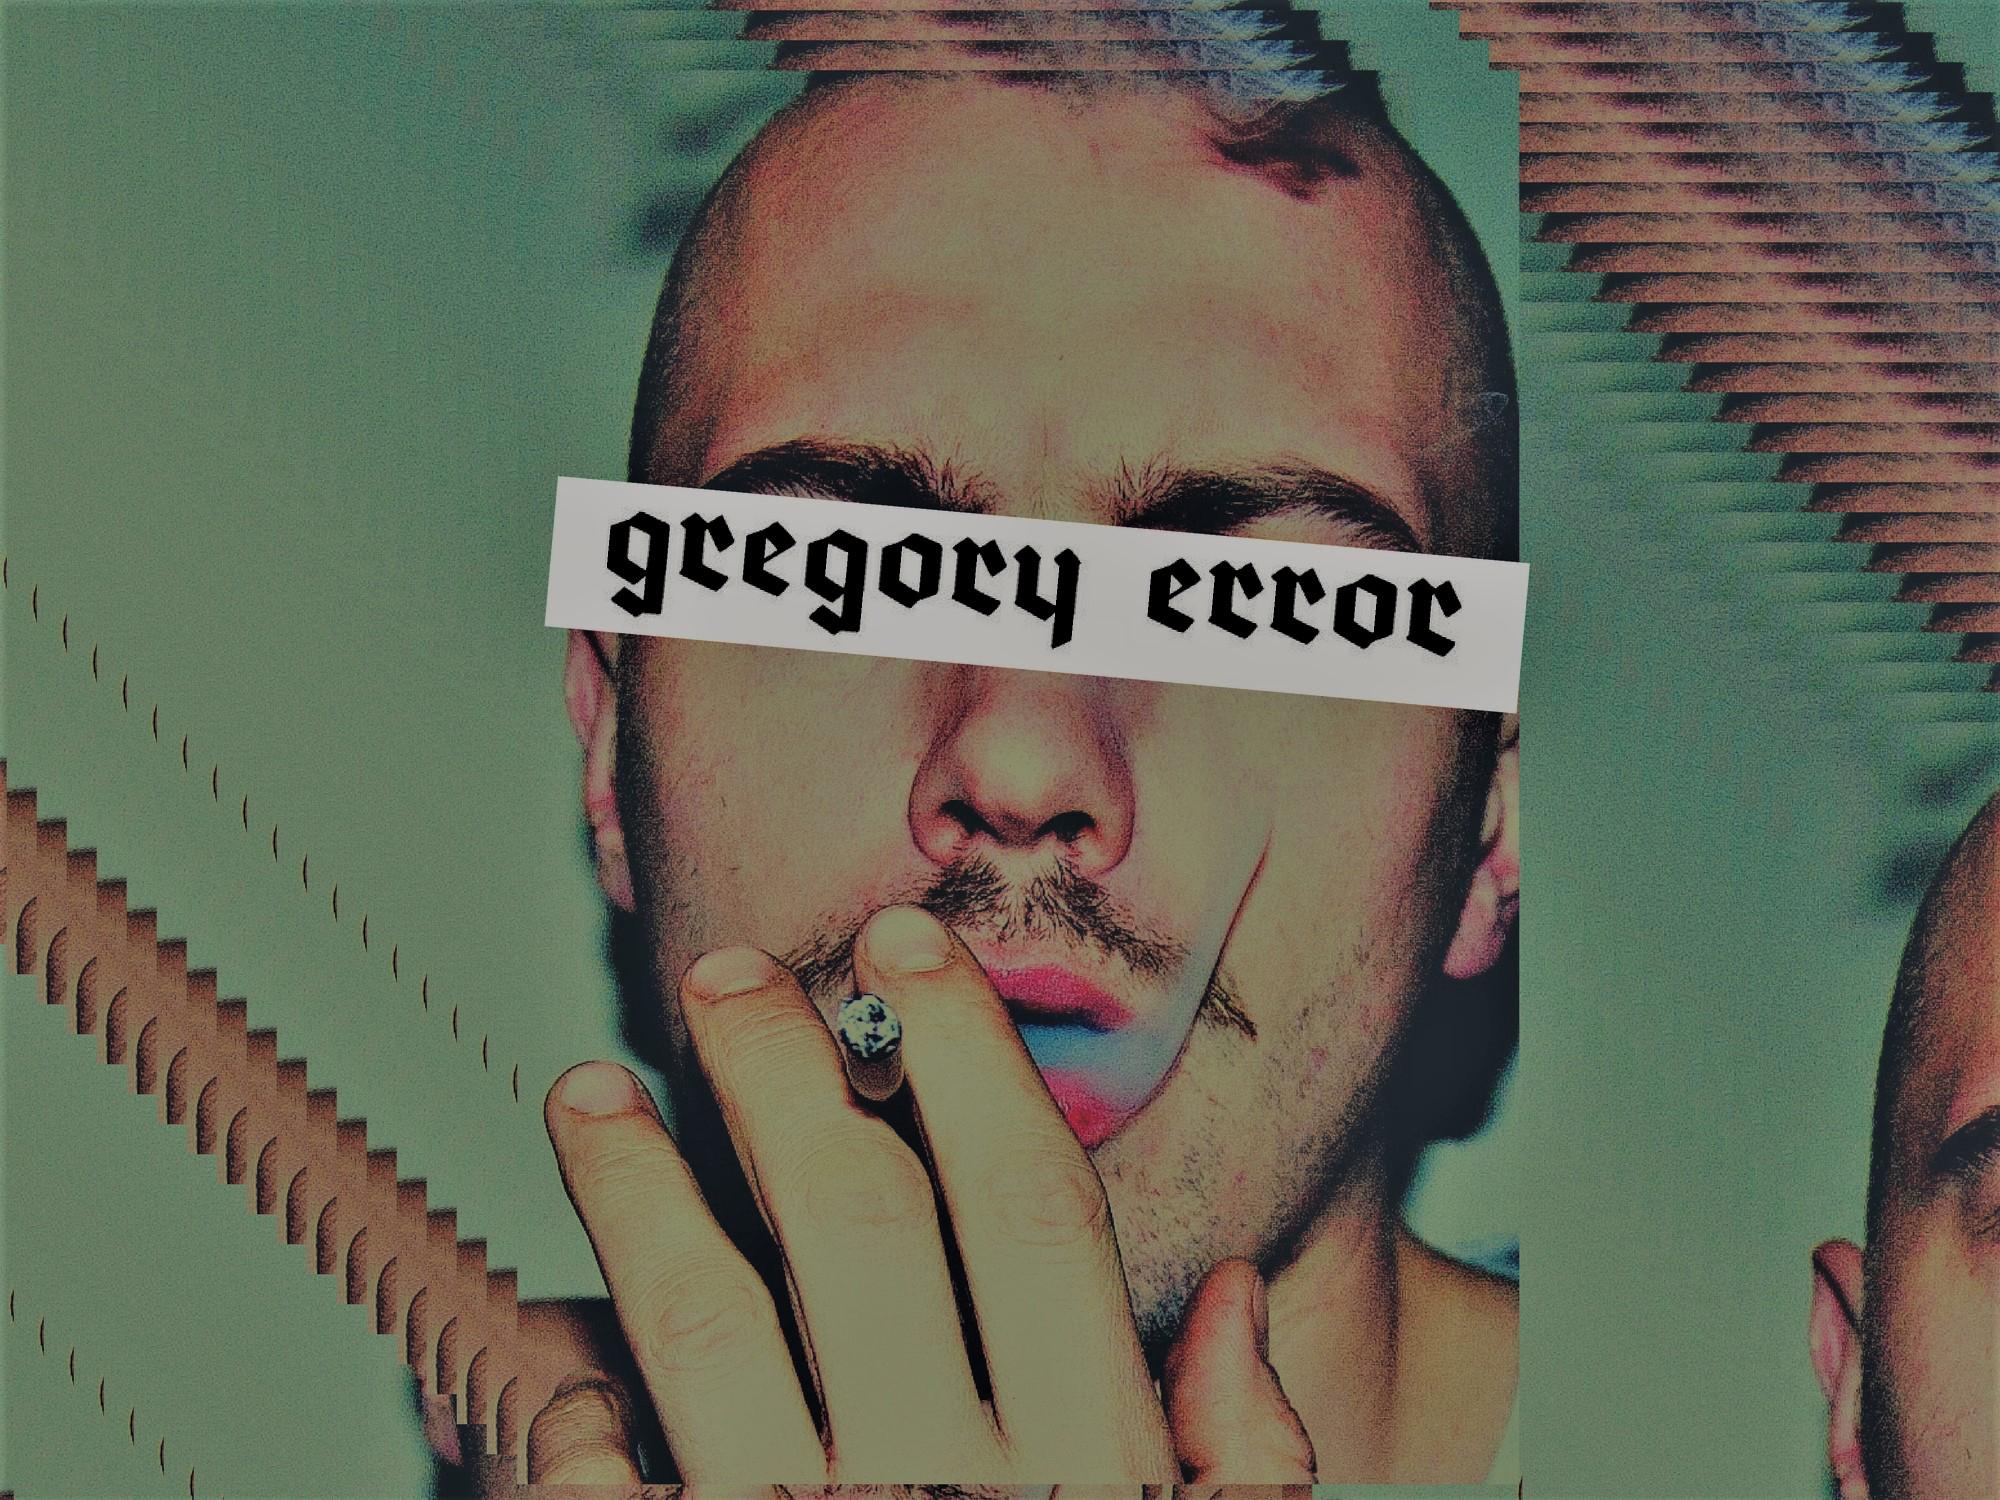 """Łysy mężczyzna pali papierosa, jego oczy są zasłonięte banerem ,,gregory error'""""."""